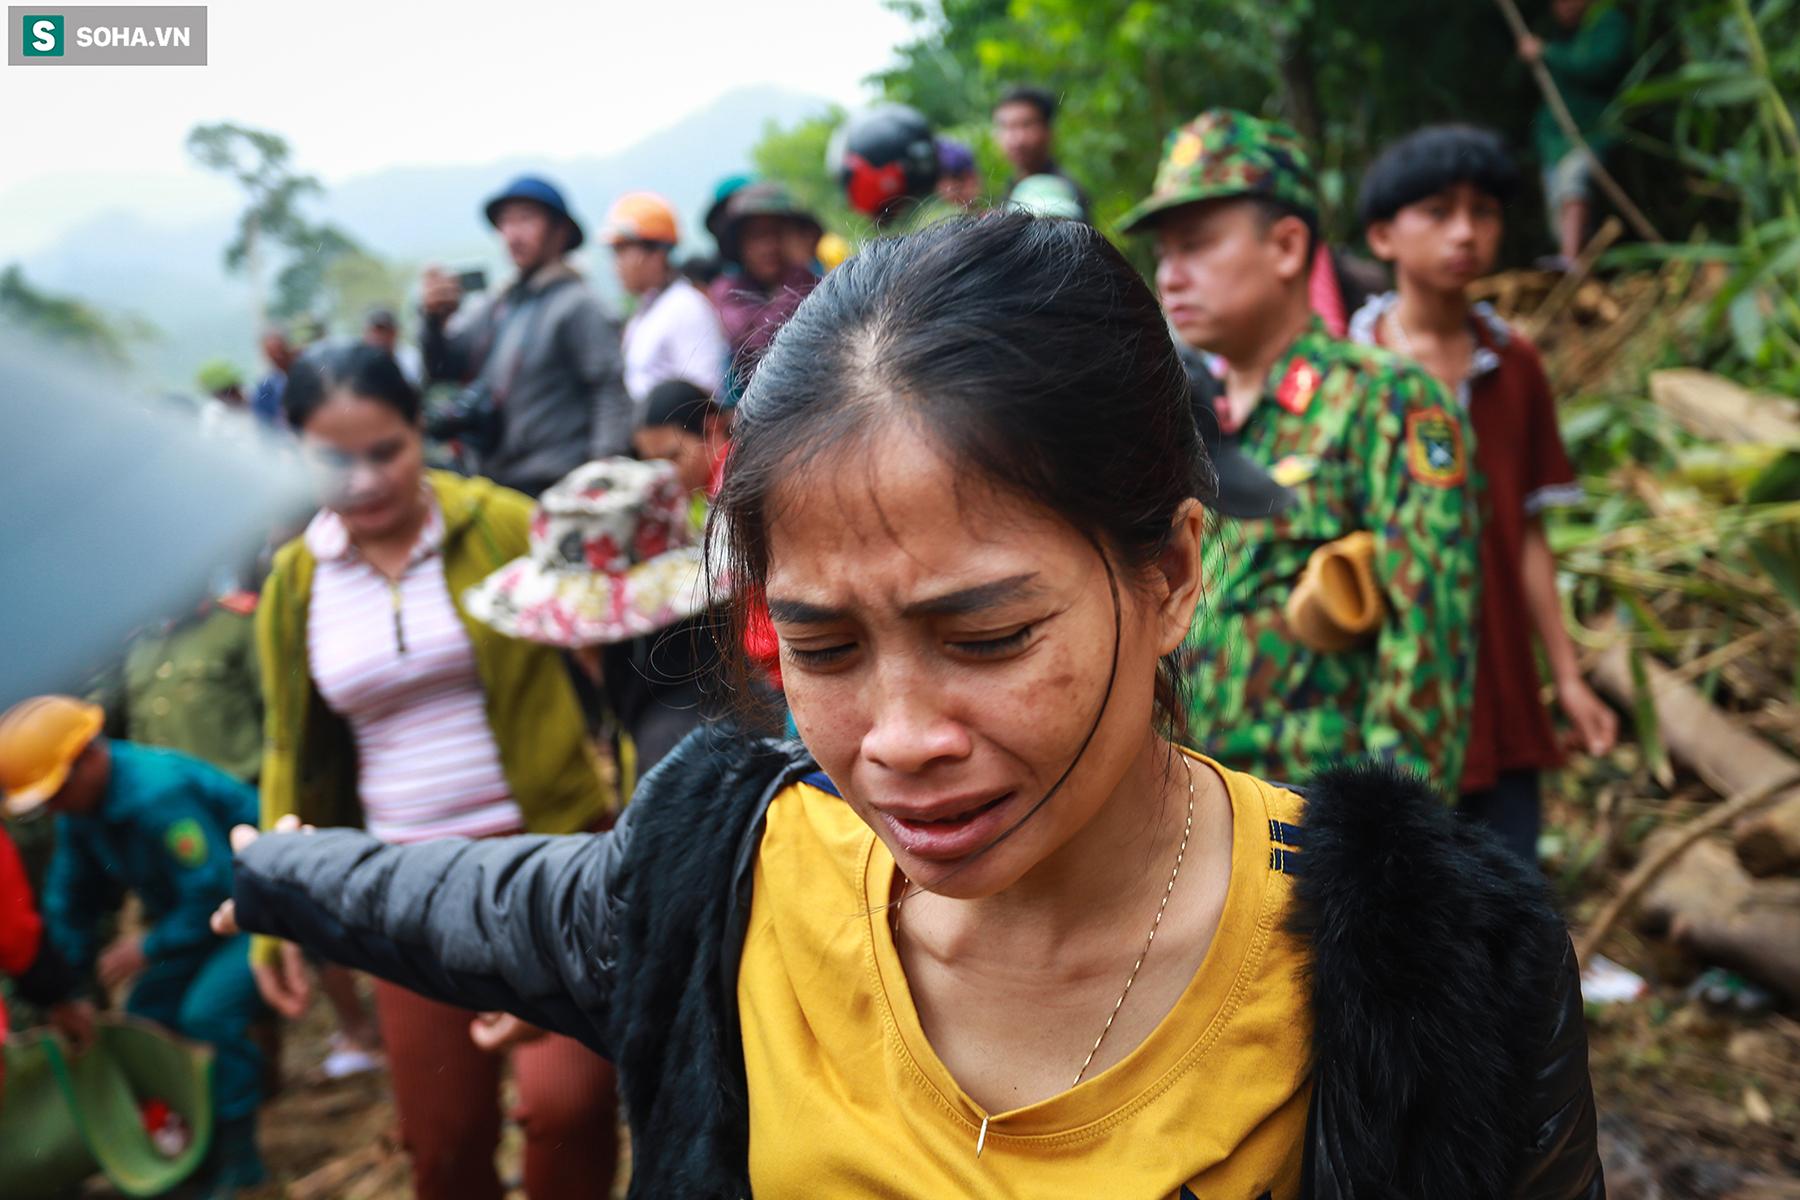 [Ảnh] Dân làng khóc nghẹn khi tìm thấy bé trai 10 tháng tuổi dưới lớp bùn đất vụ sạt lở ở Trà Leng - Ảnh 5